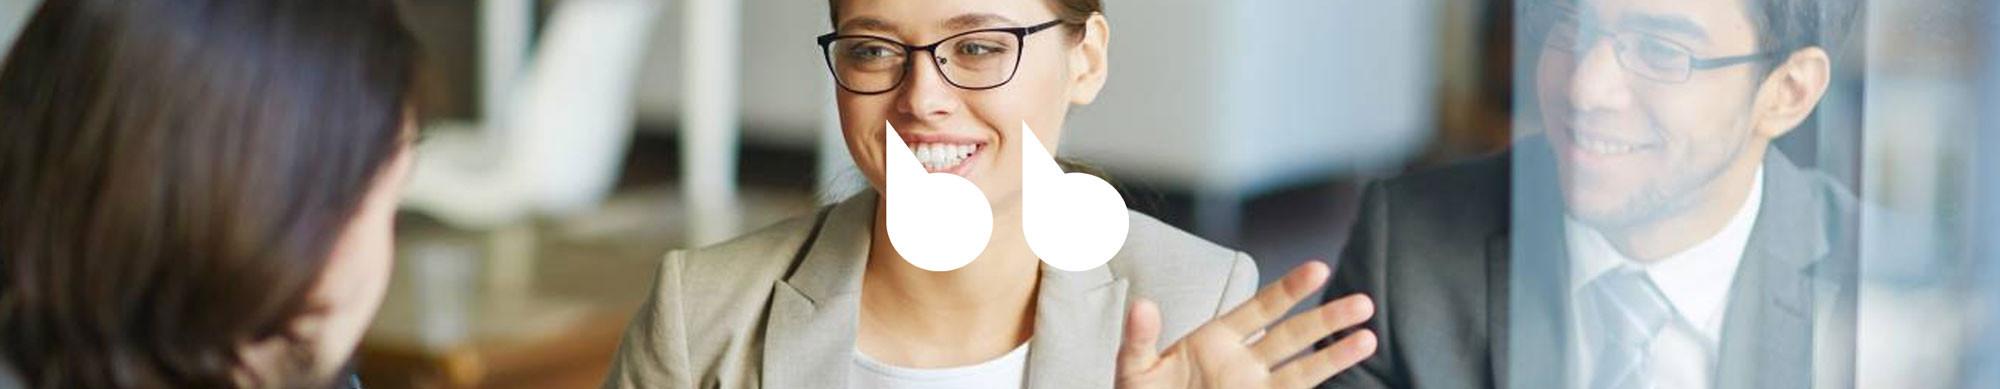 Cómo gestionar tus fortalezas y debilidades para una entrevista de trabajo en inglés